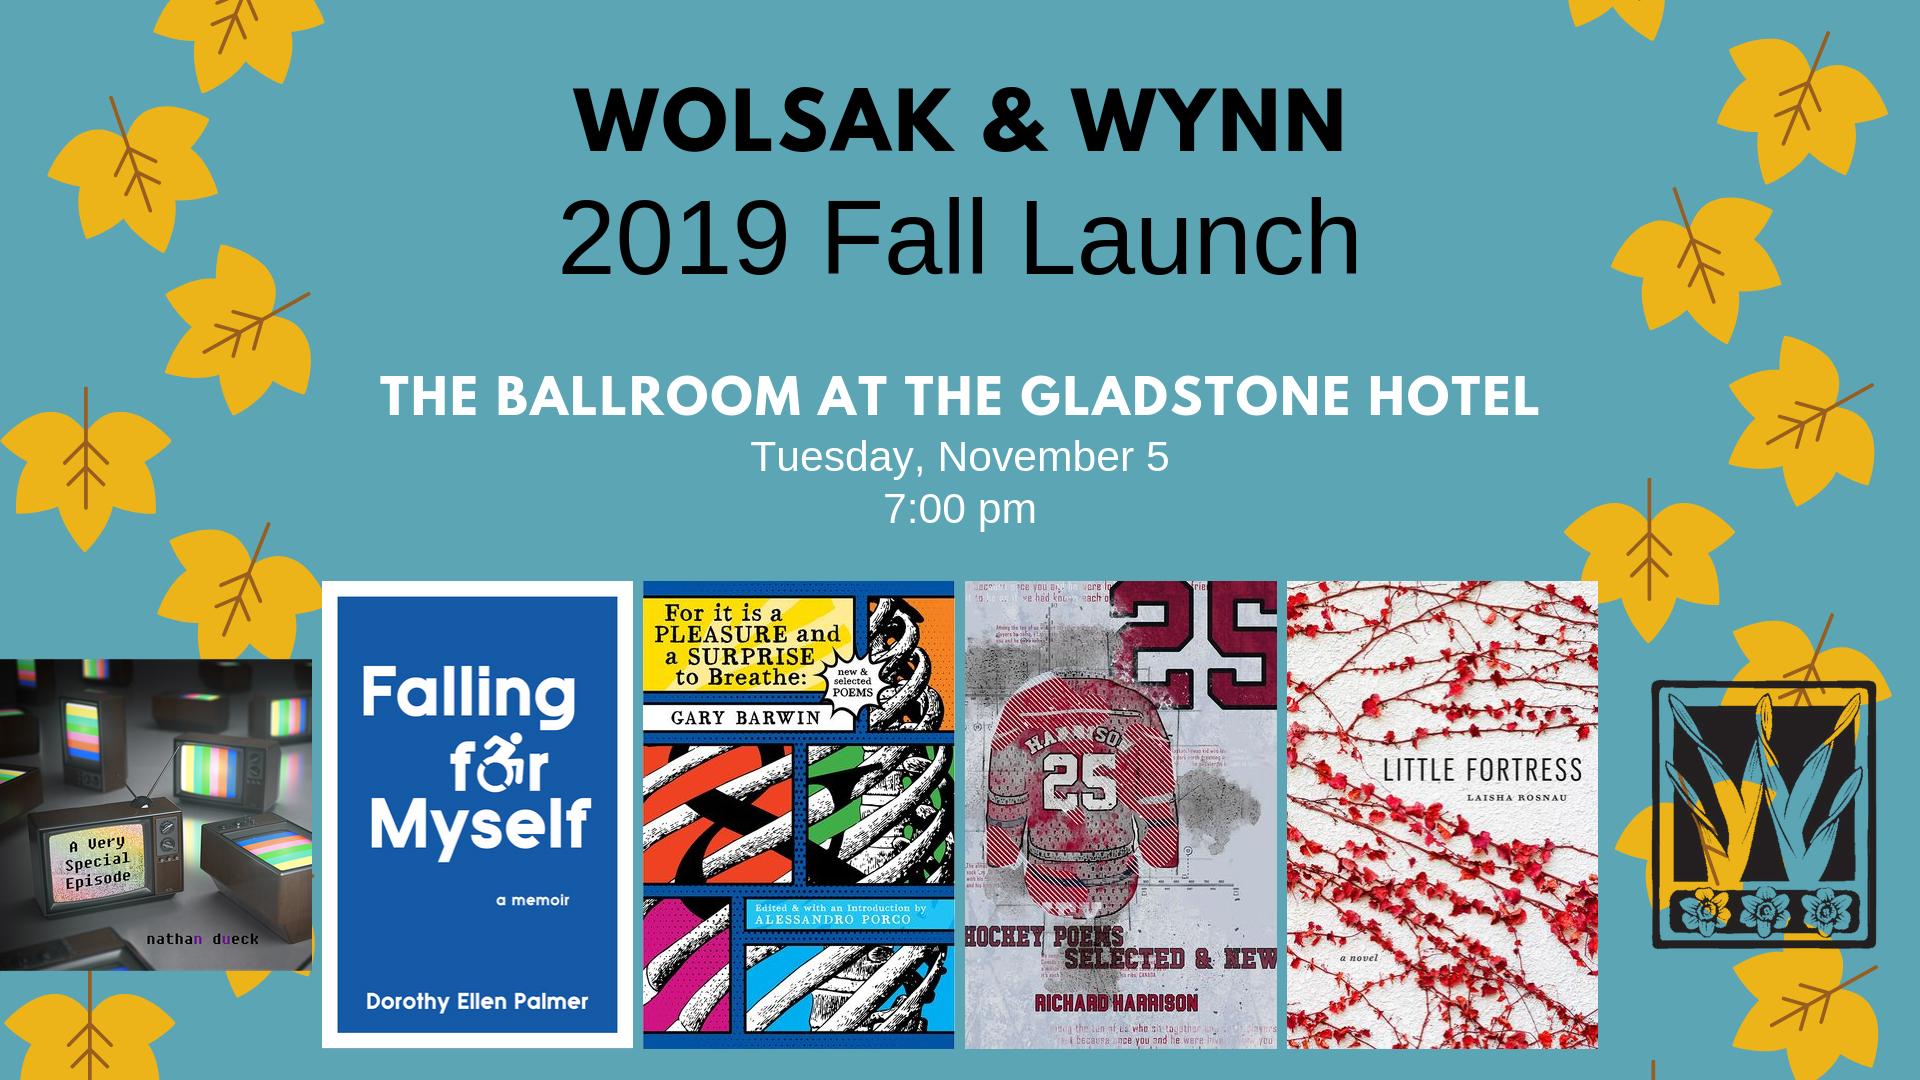 toronto WOLSAK AND WYNN fall LAUNCH 2019 (1).png